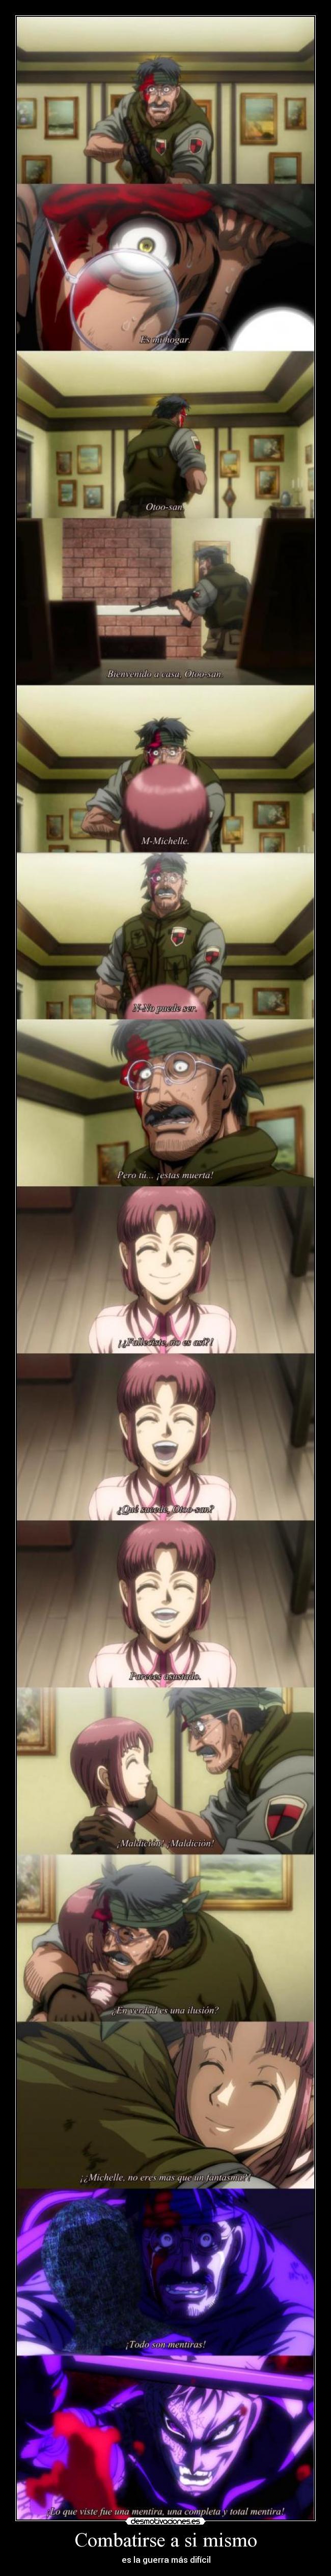 carteles anime hellsing ultimate ova tengo idea como llame soldado pero otra zorin blitz desmotivaciones